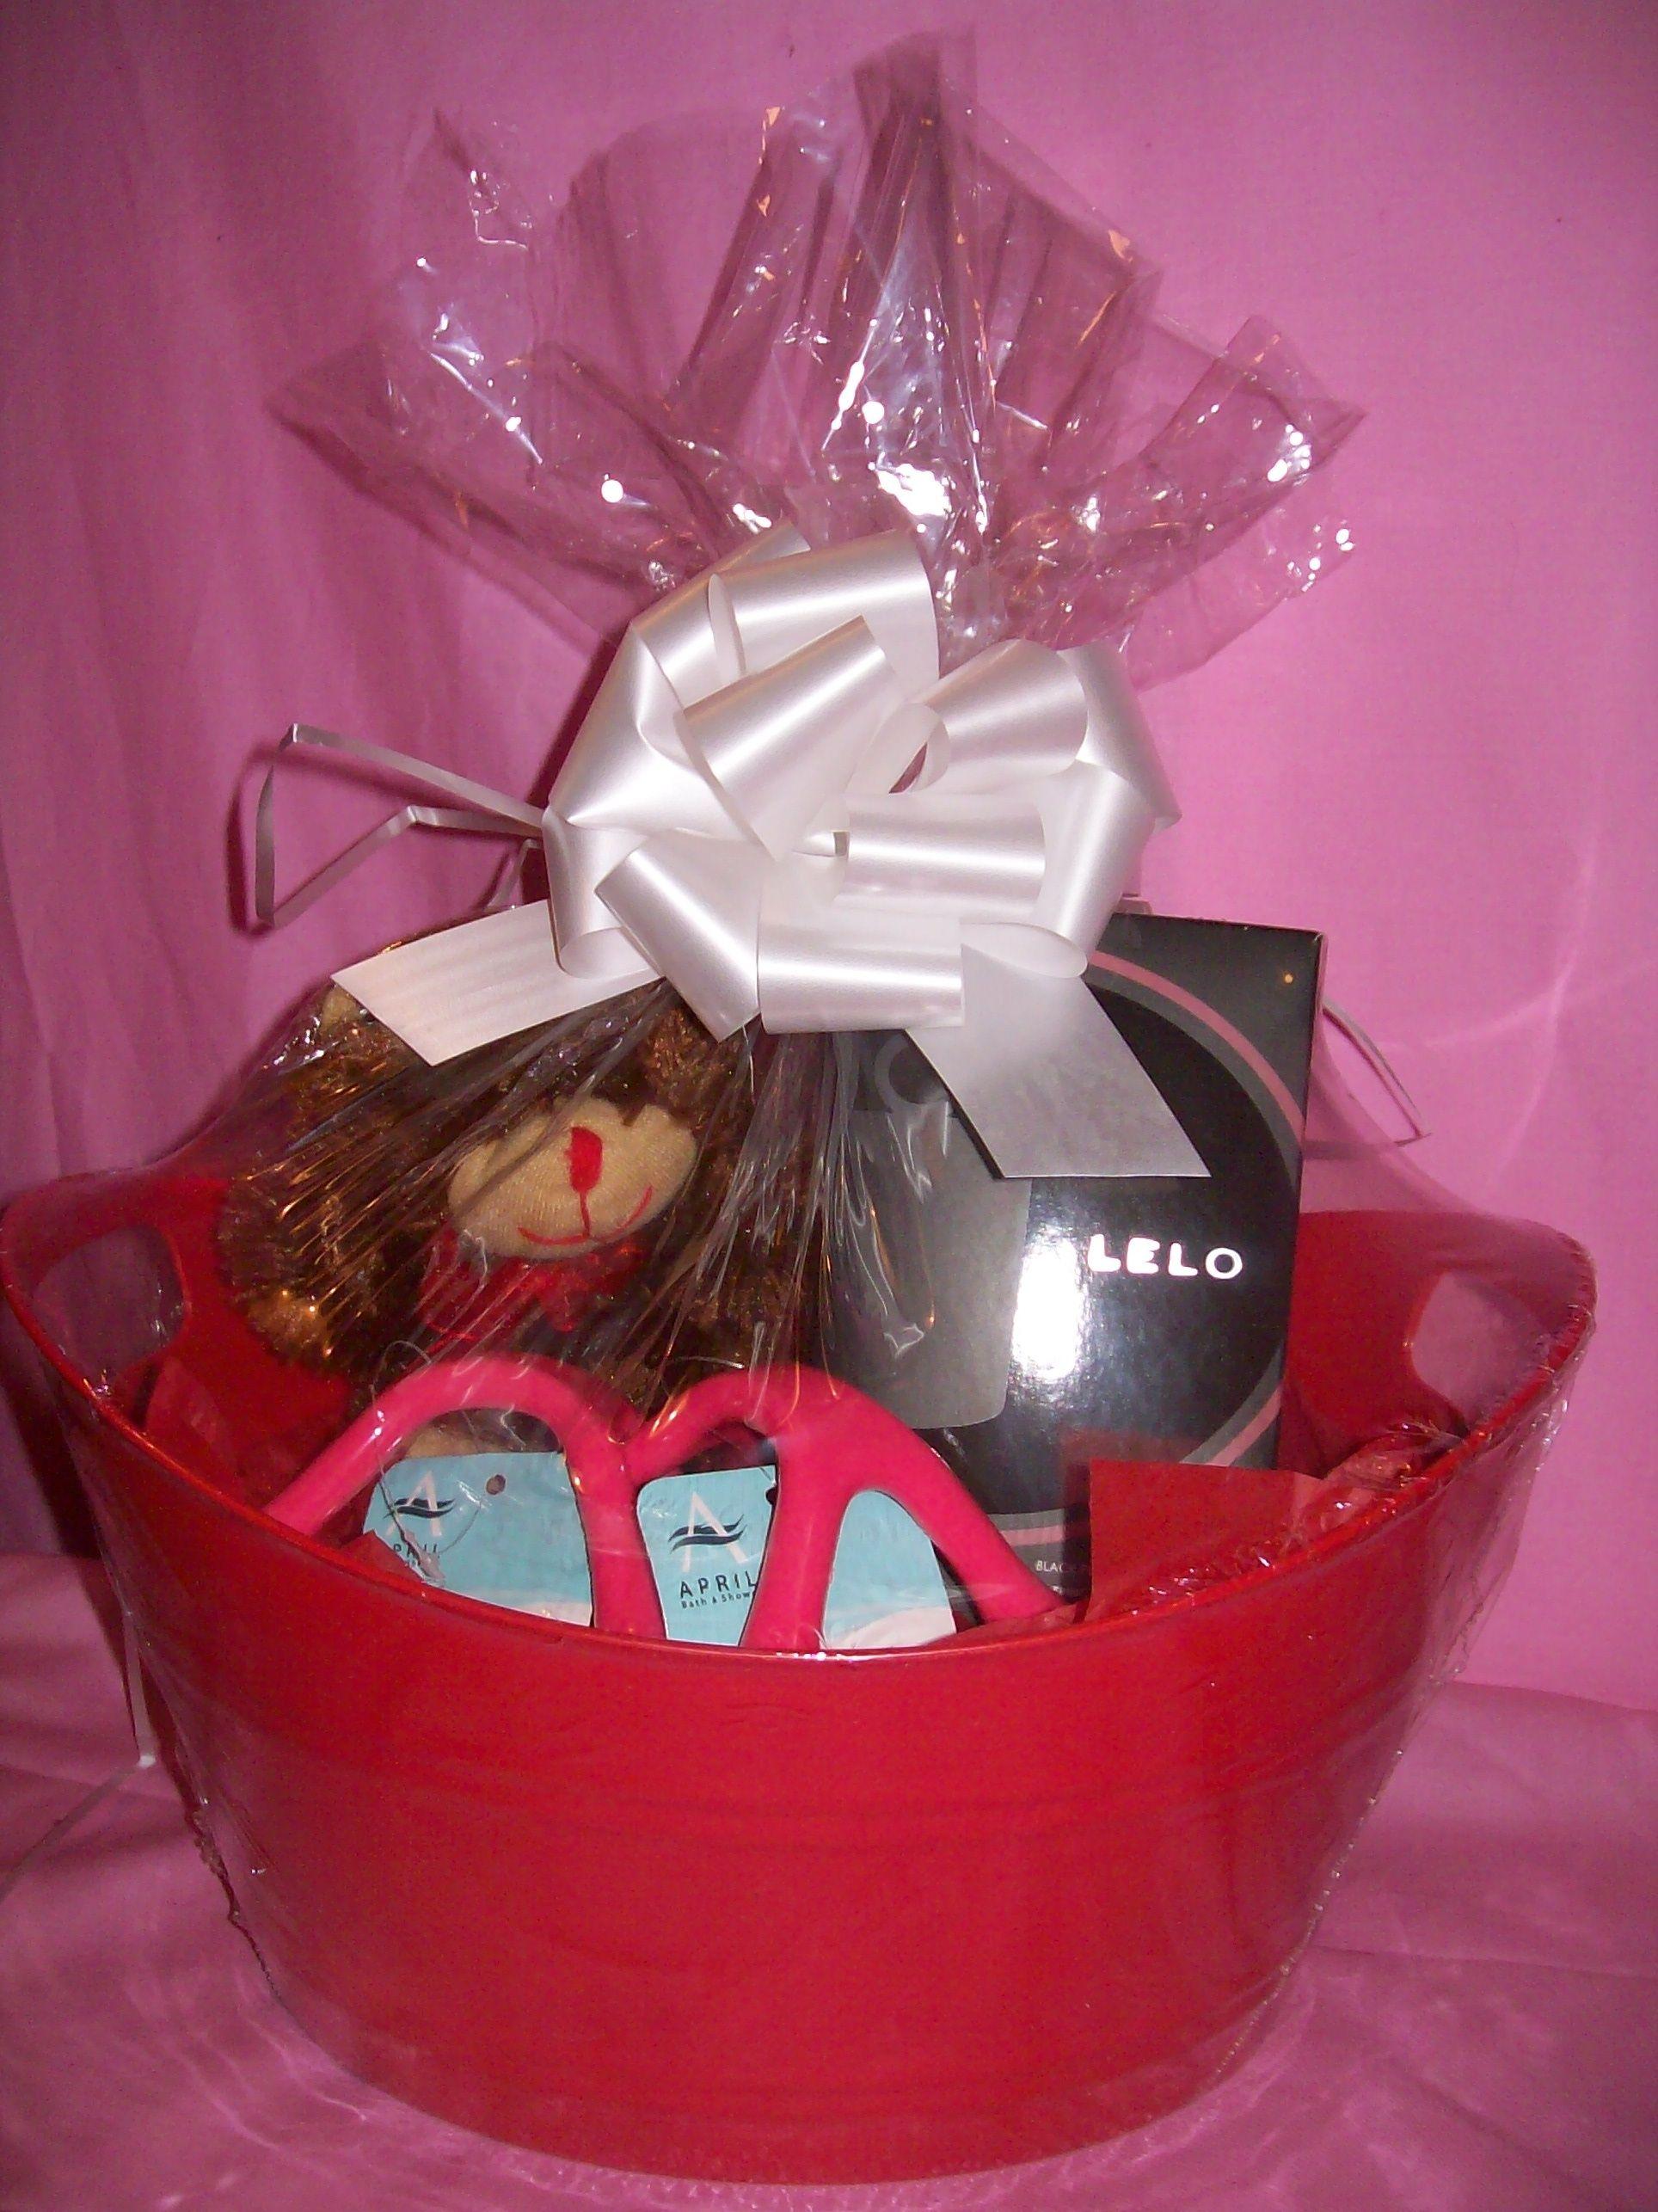 Lelo Massage Gift Basket: Massage Oil Candle in Black Pepper ...